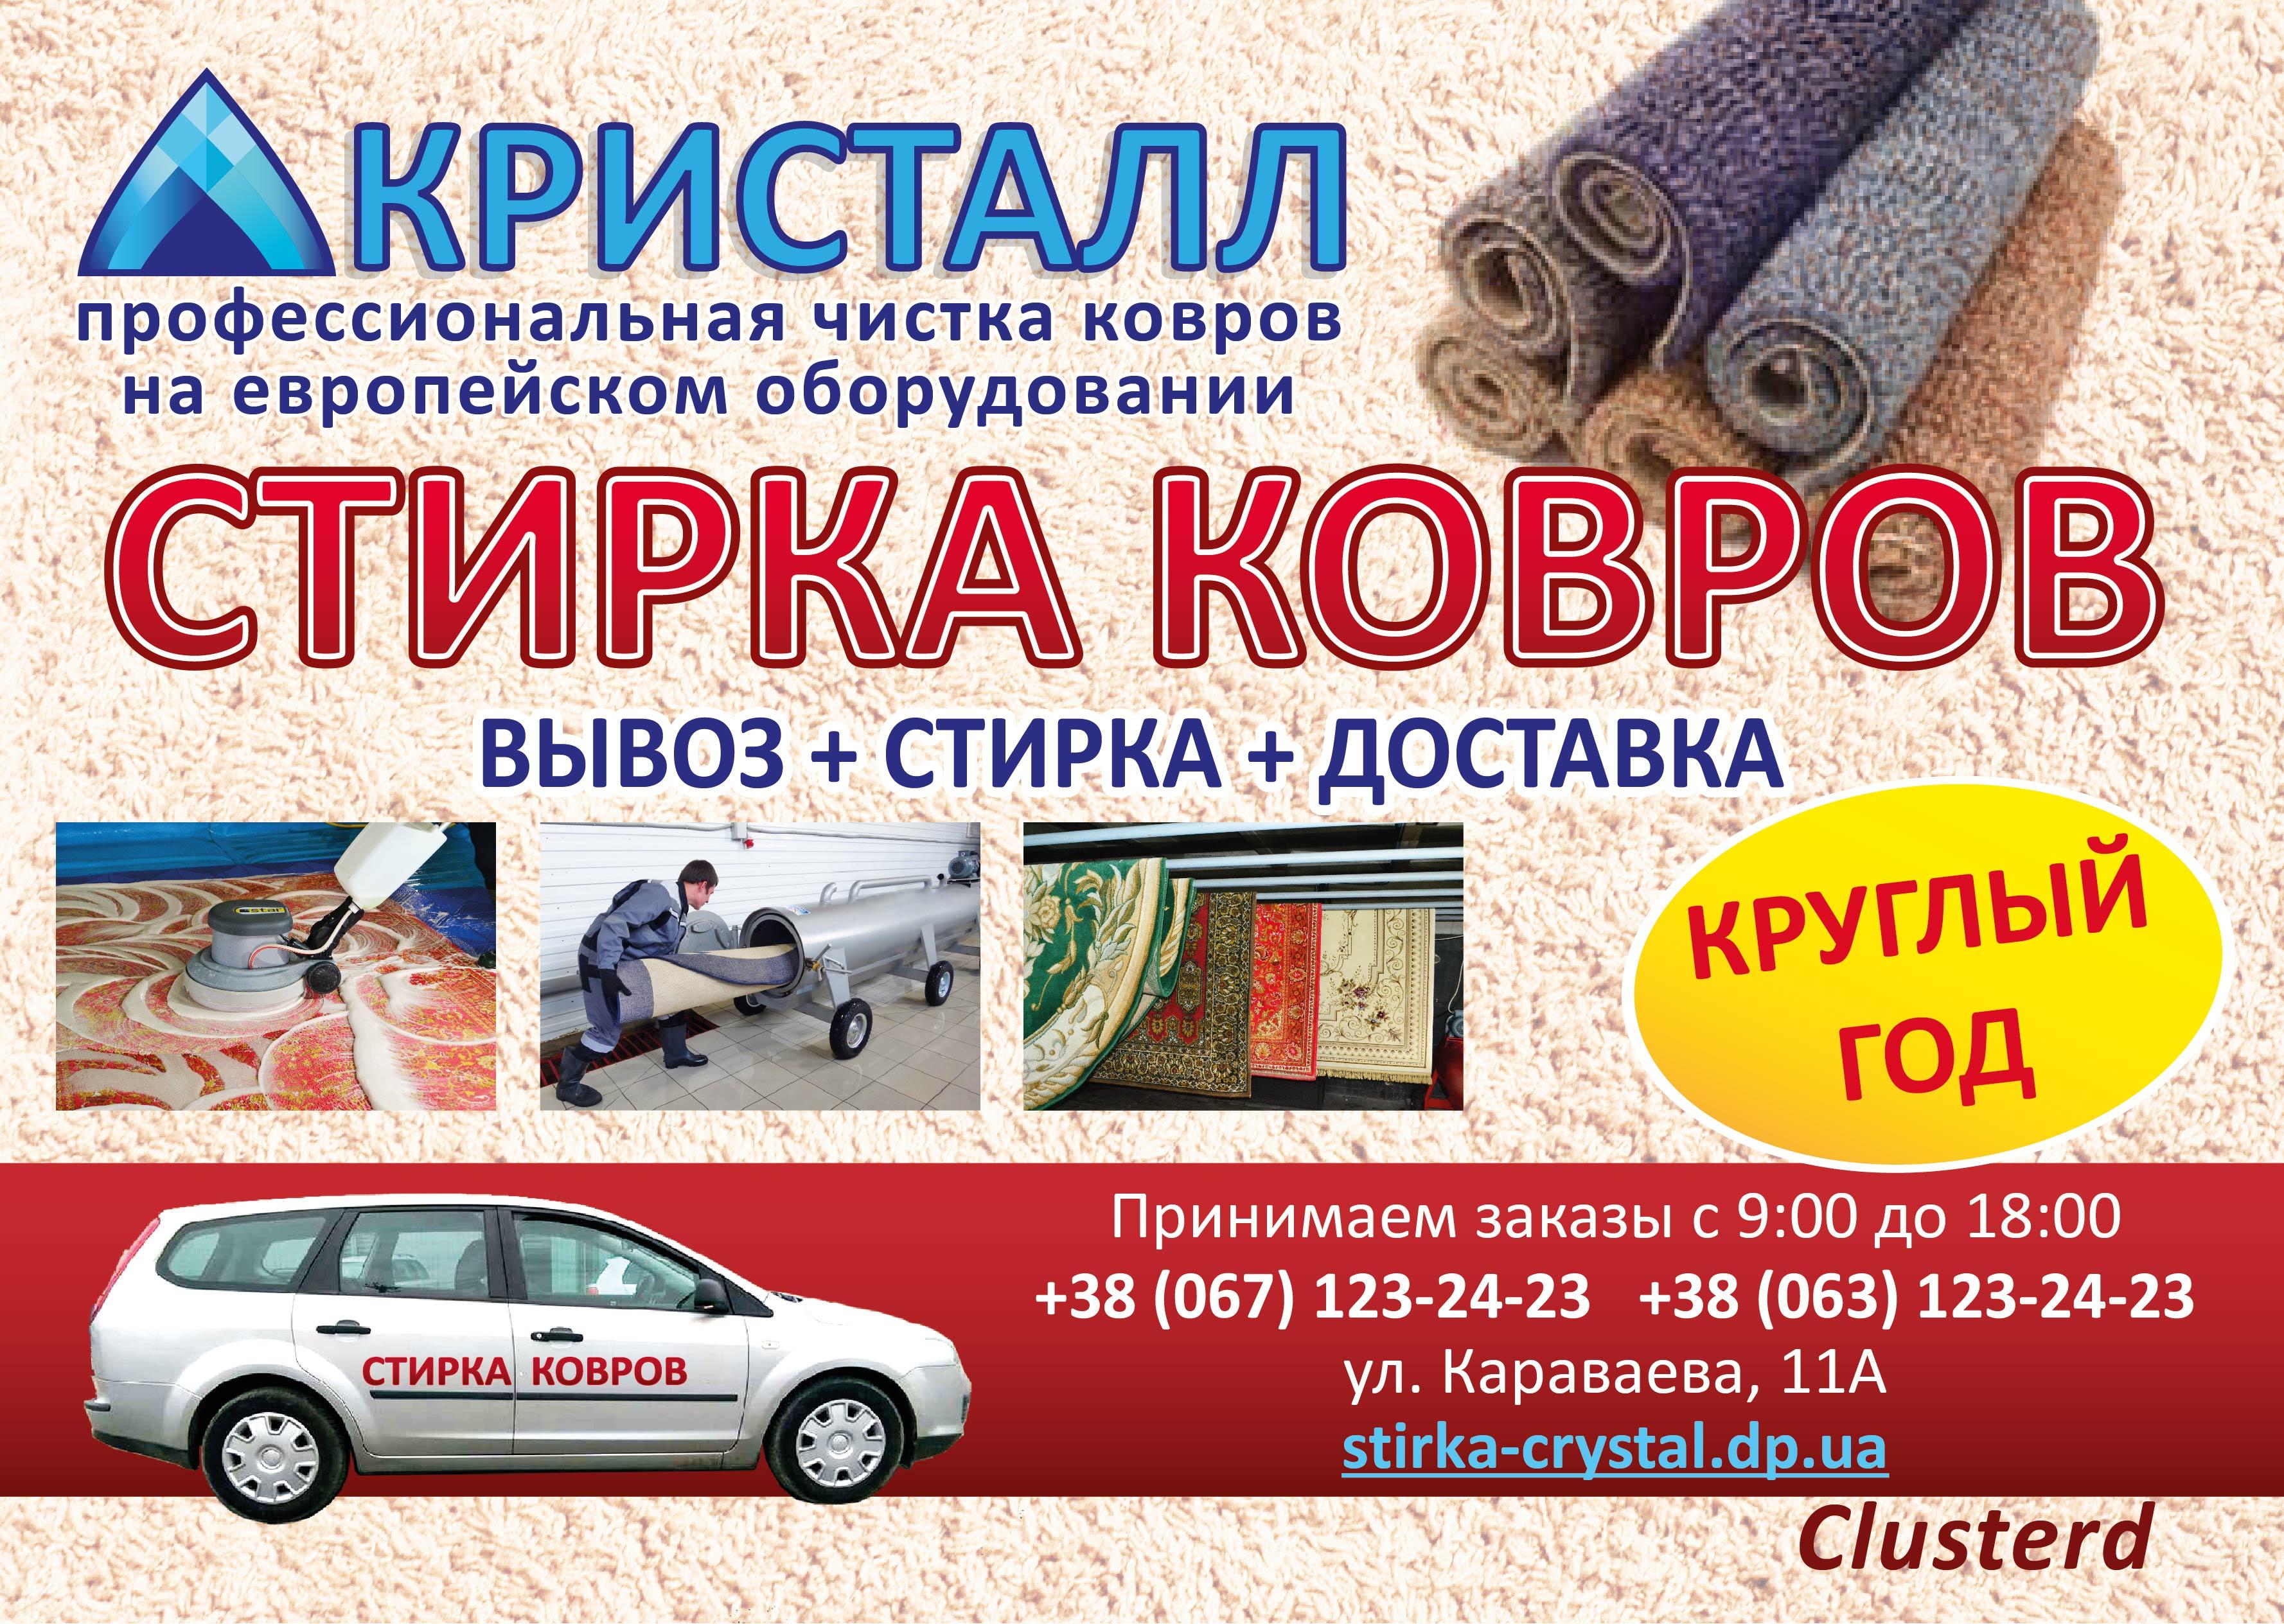 любые картинка химчистка ковров объявление каркасами купольных